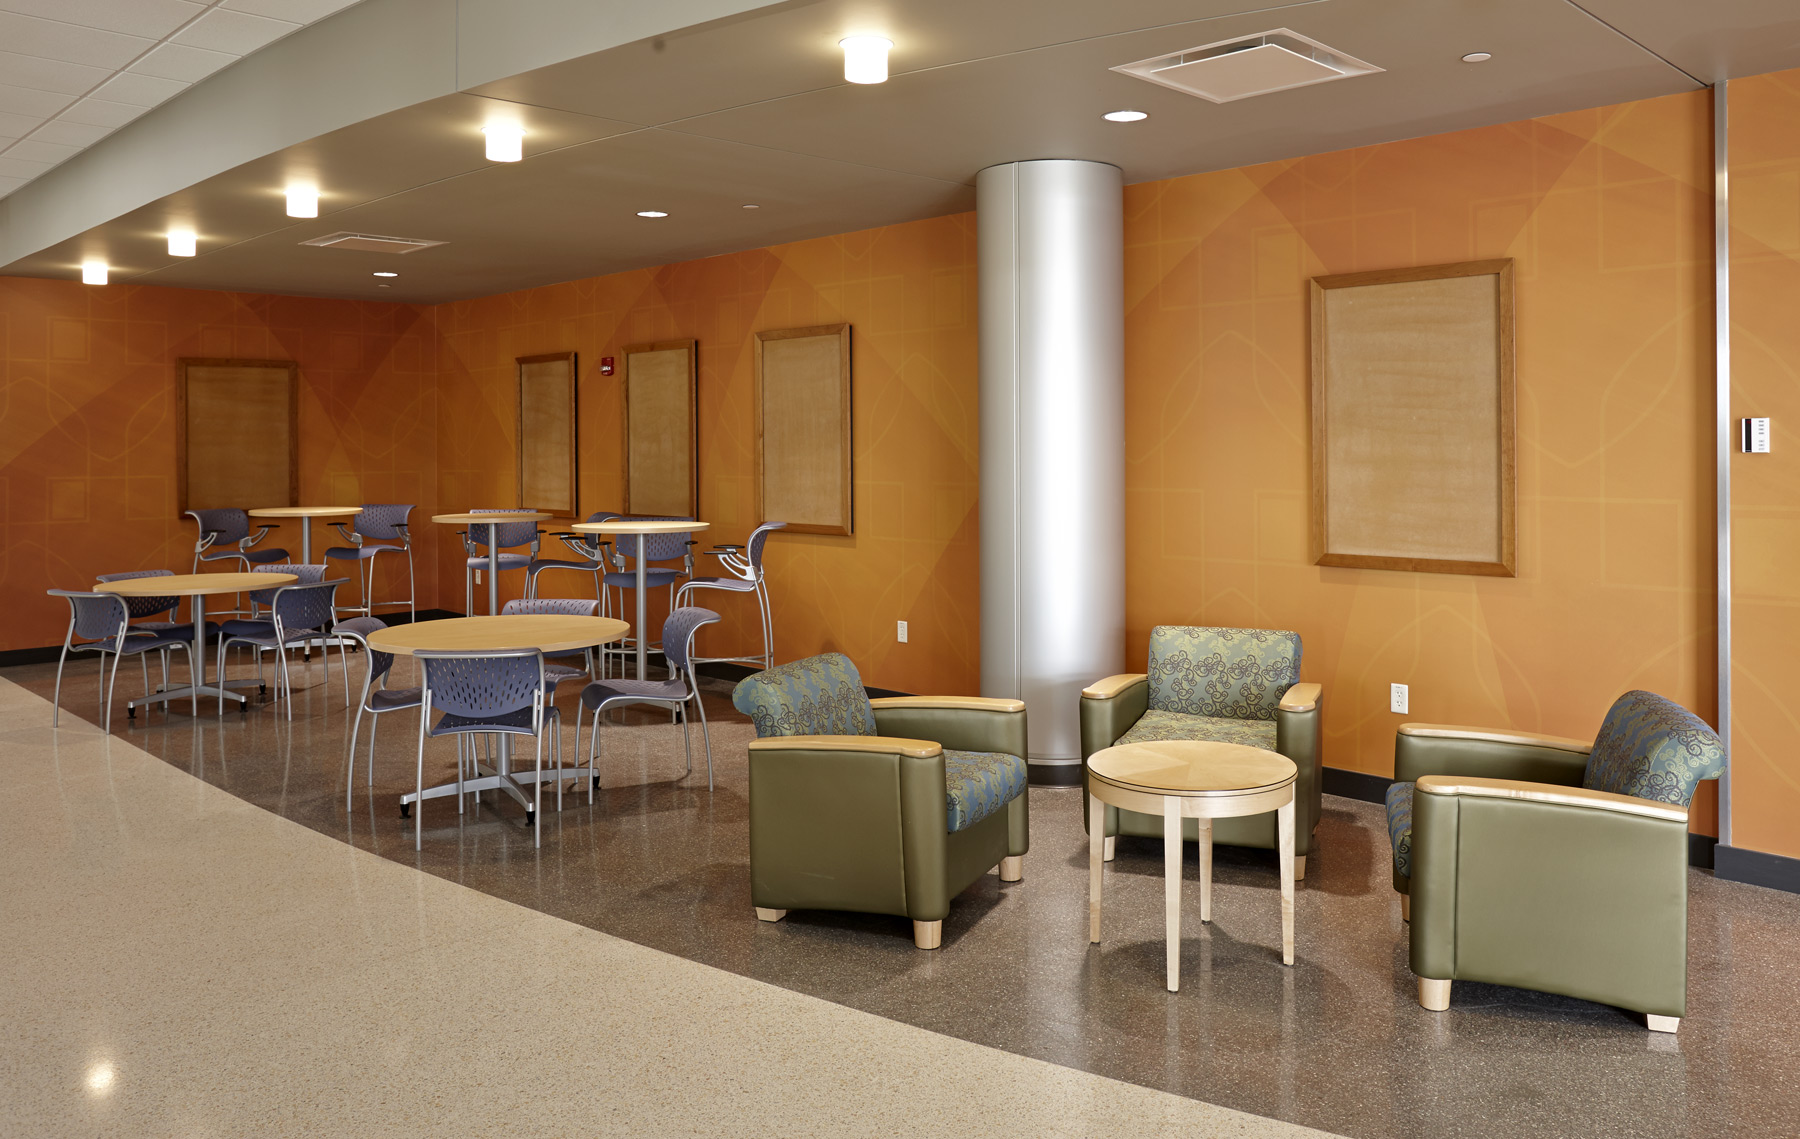 Madison College, Truax Campus